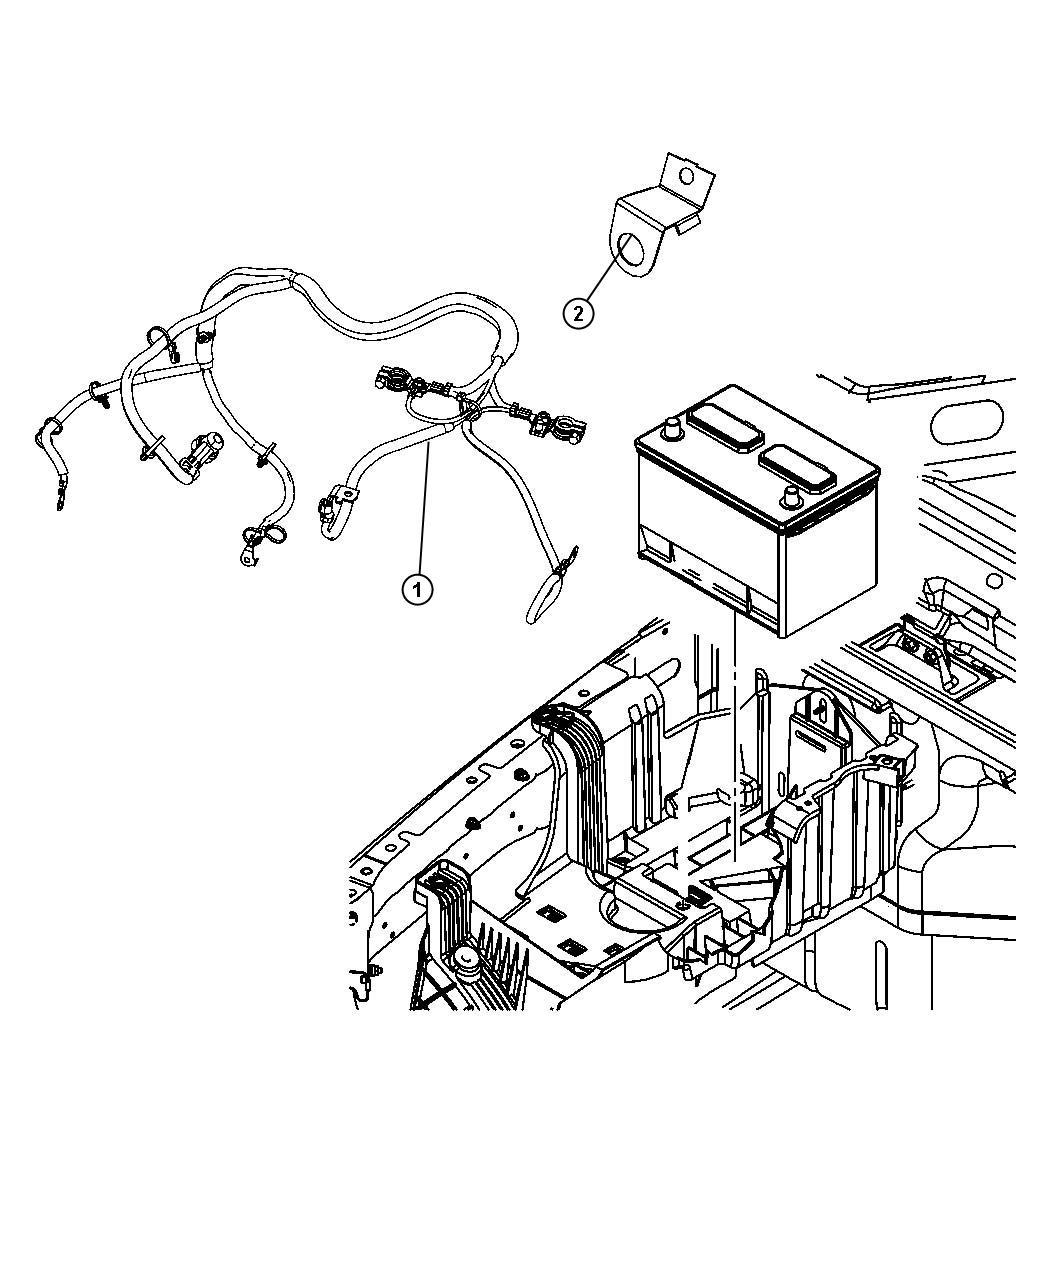 Jeep Wrangler Wiring. Battery. Mopar, module, complete ...